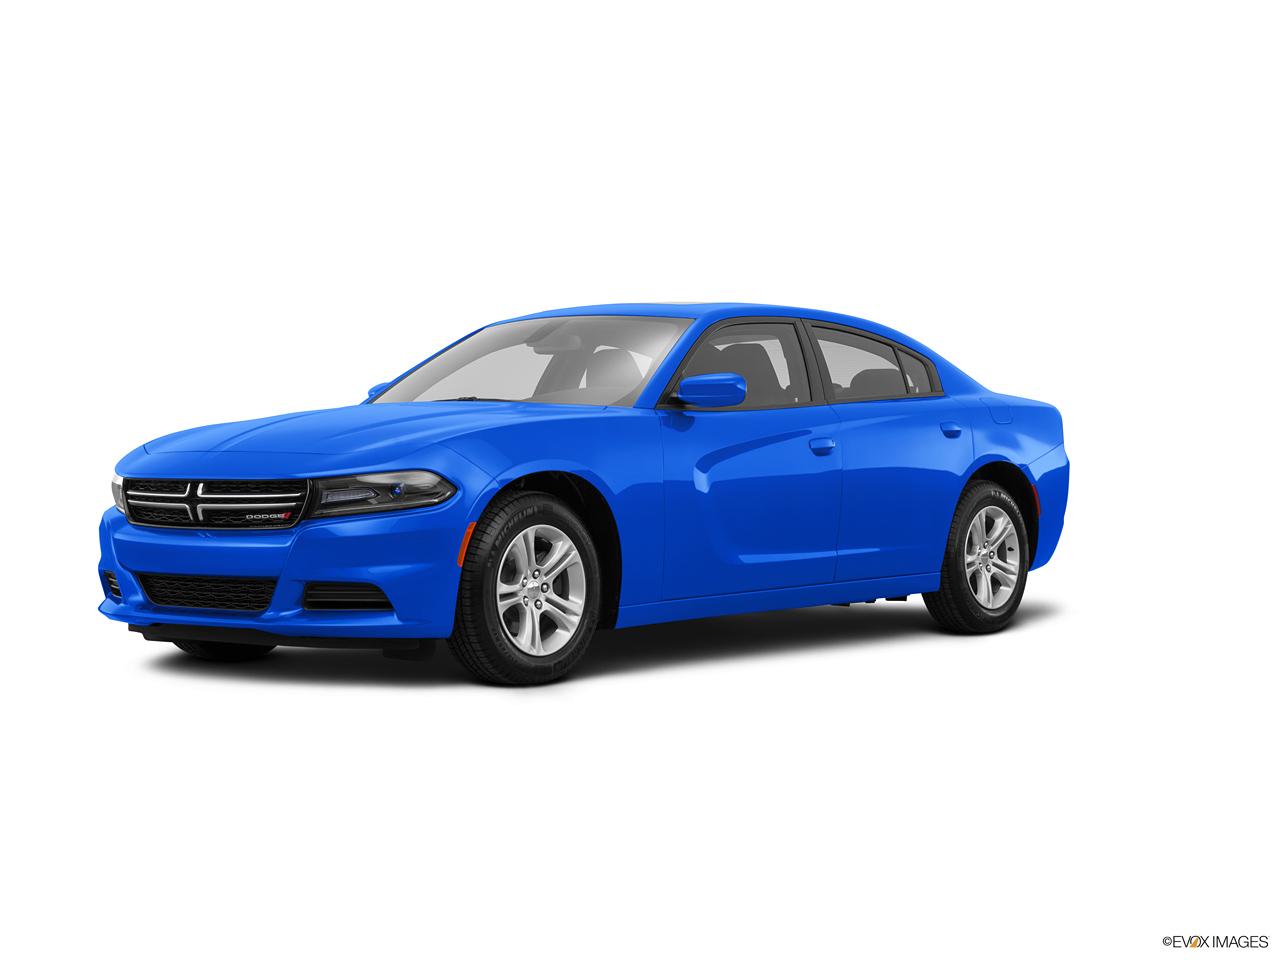 car pictures list for dodge charger 2016 srt8 superbee 6 4l qatar yallamotor. Black Bedroom Furniture Sets. Home Design Ideas